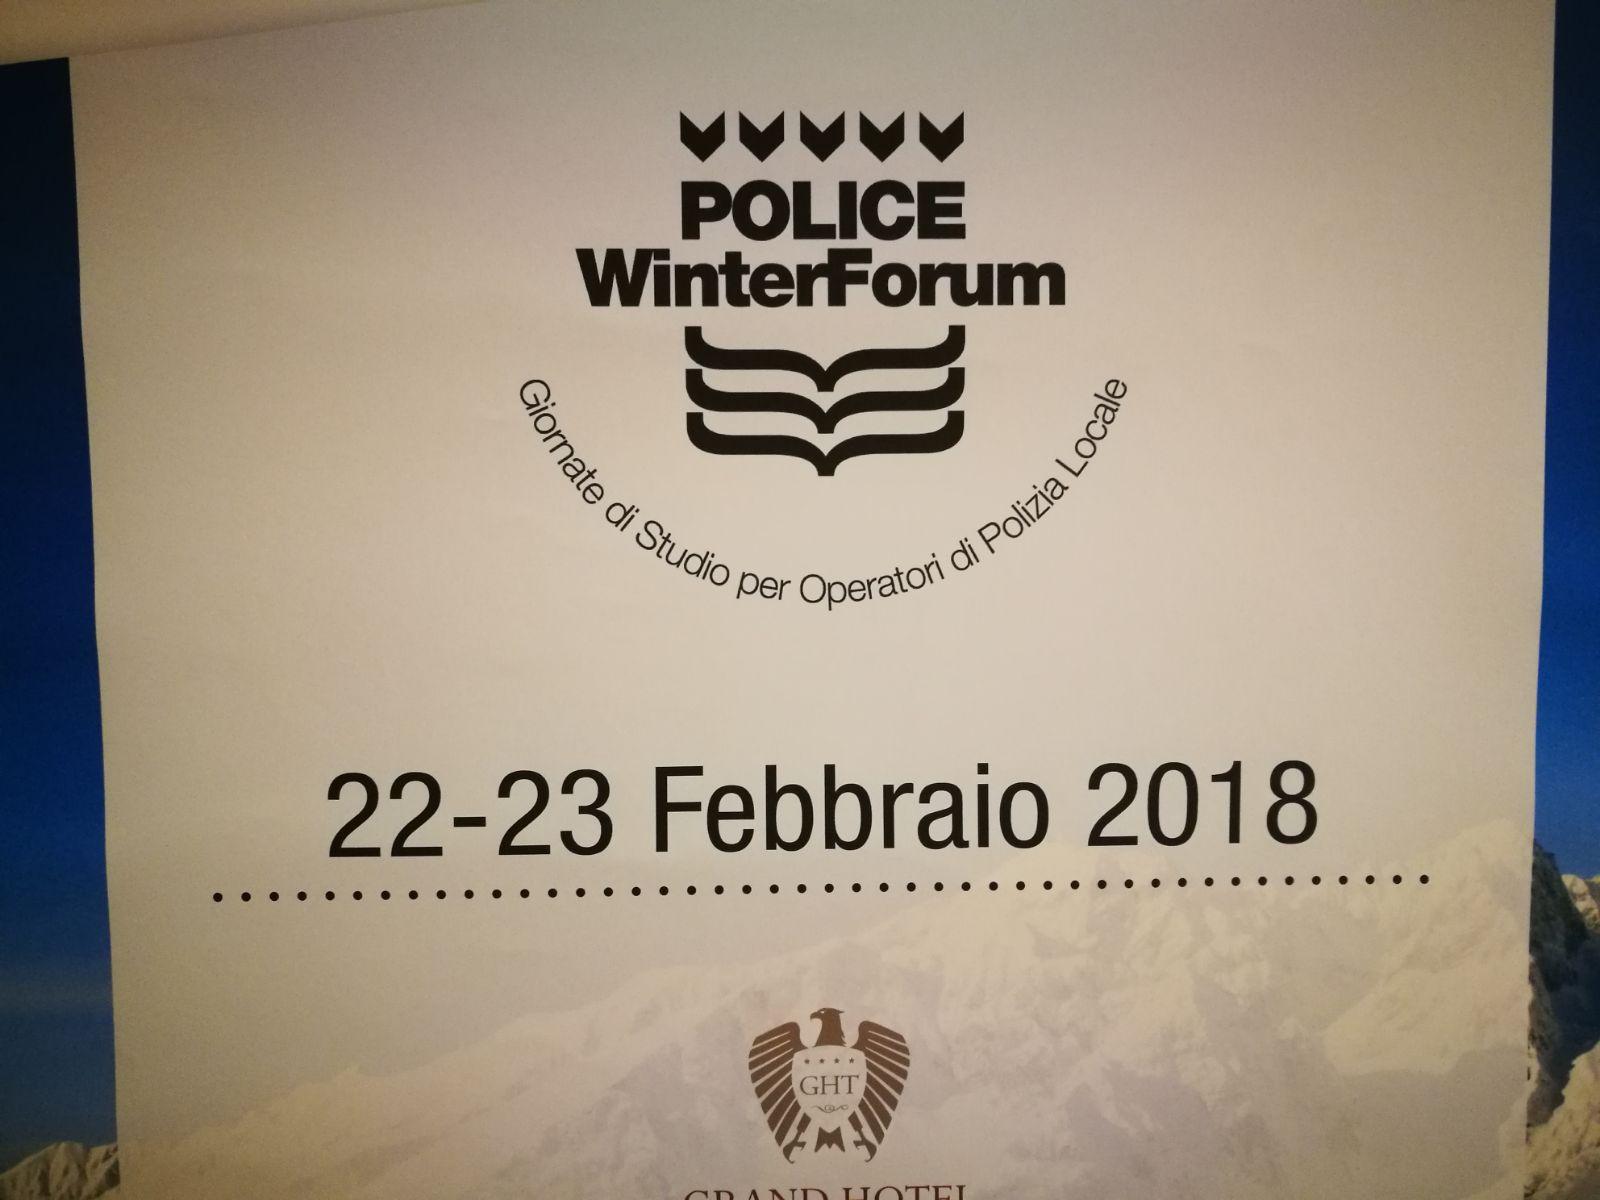 Polizia locale e prevenzione se ne parla a Trento al Police Winter Forum 22-23 febbraio 2018